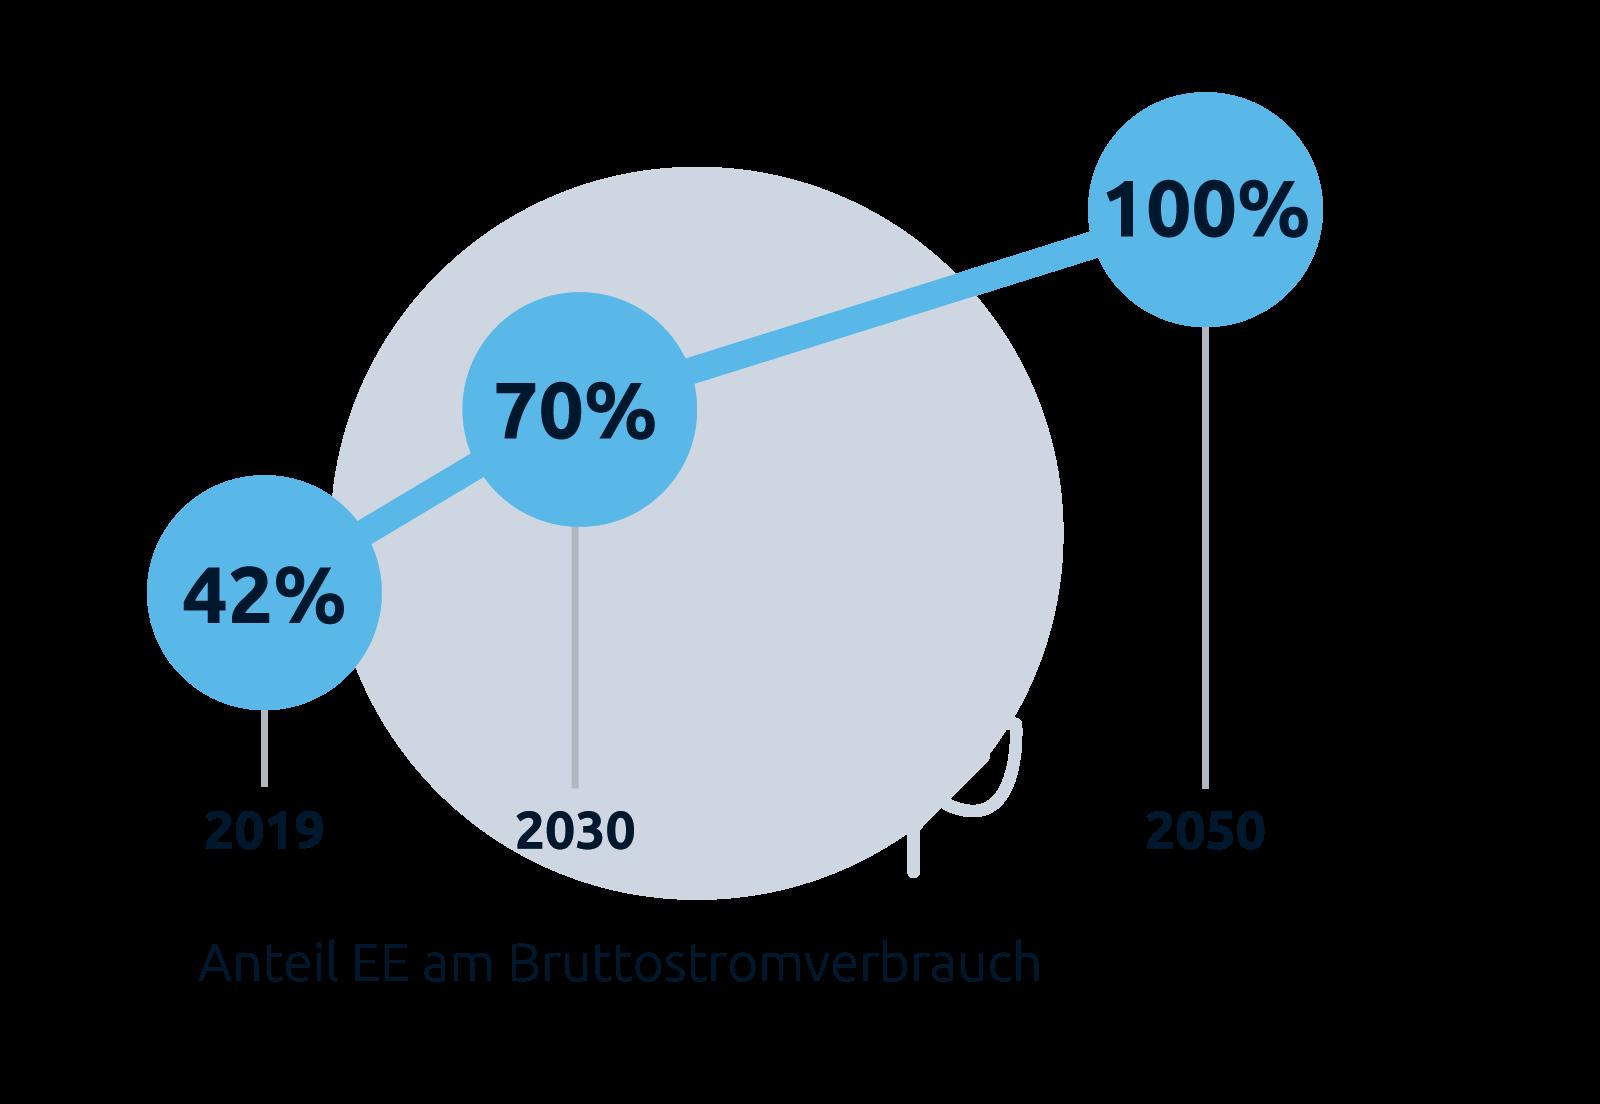 """Grafik """"Anteil EE am Bruttostromverbrauch"""", Stiftung Klimaneutralität"""""""